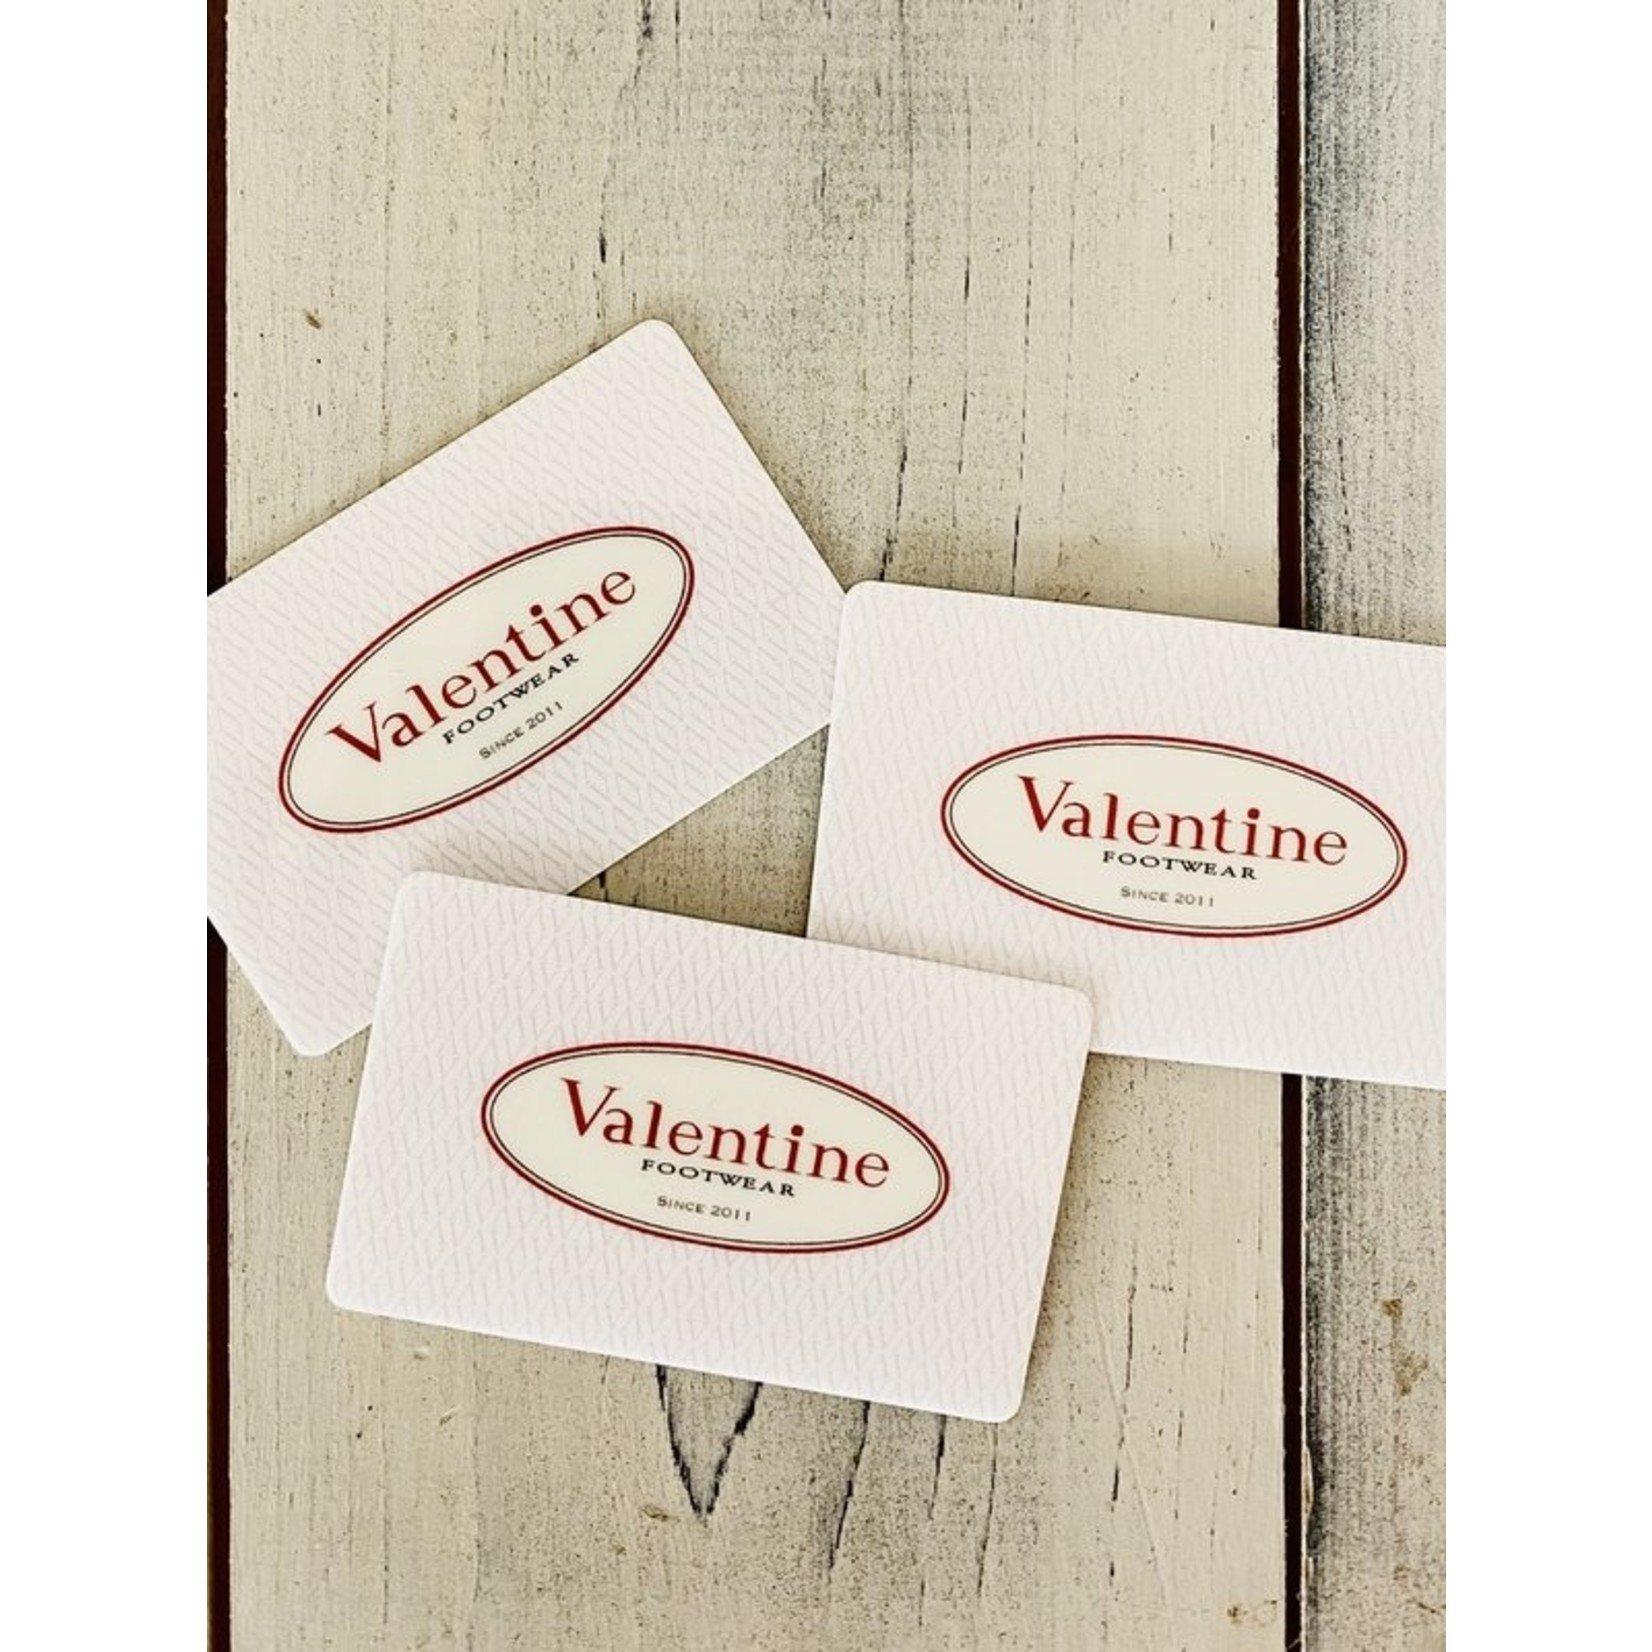 Valentine Footwear $200 Gift Card